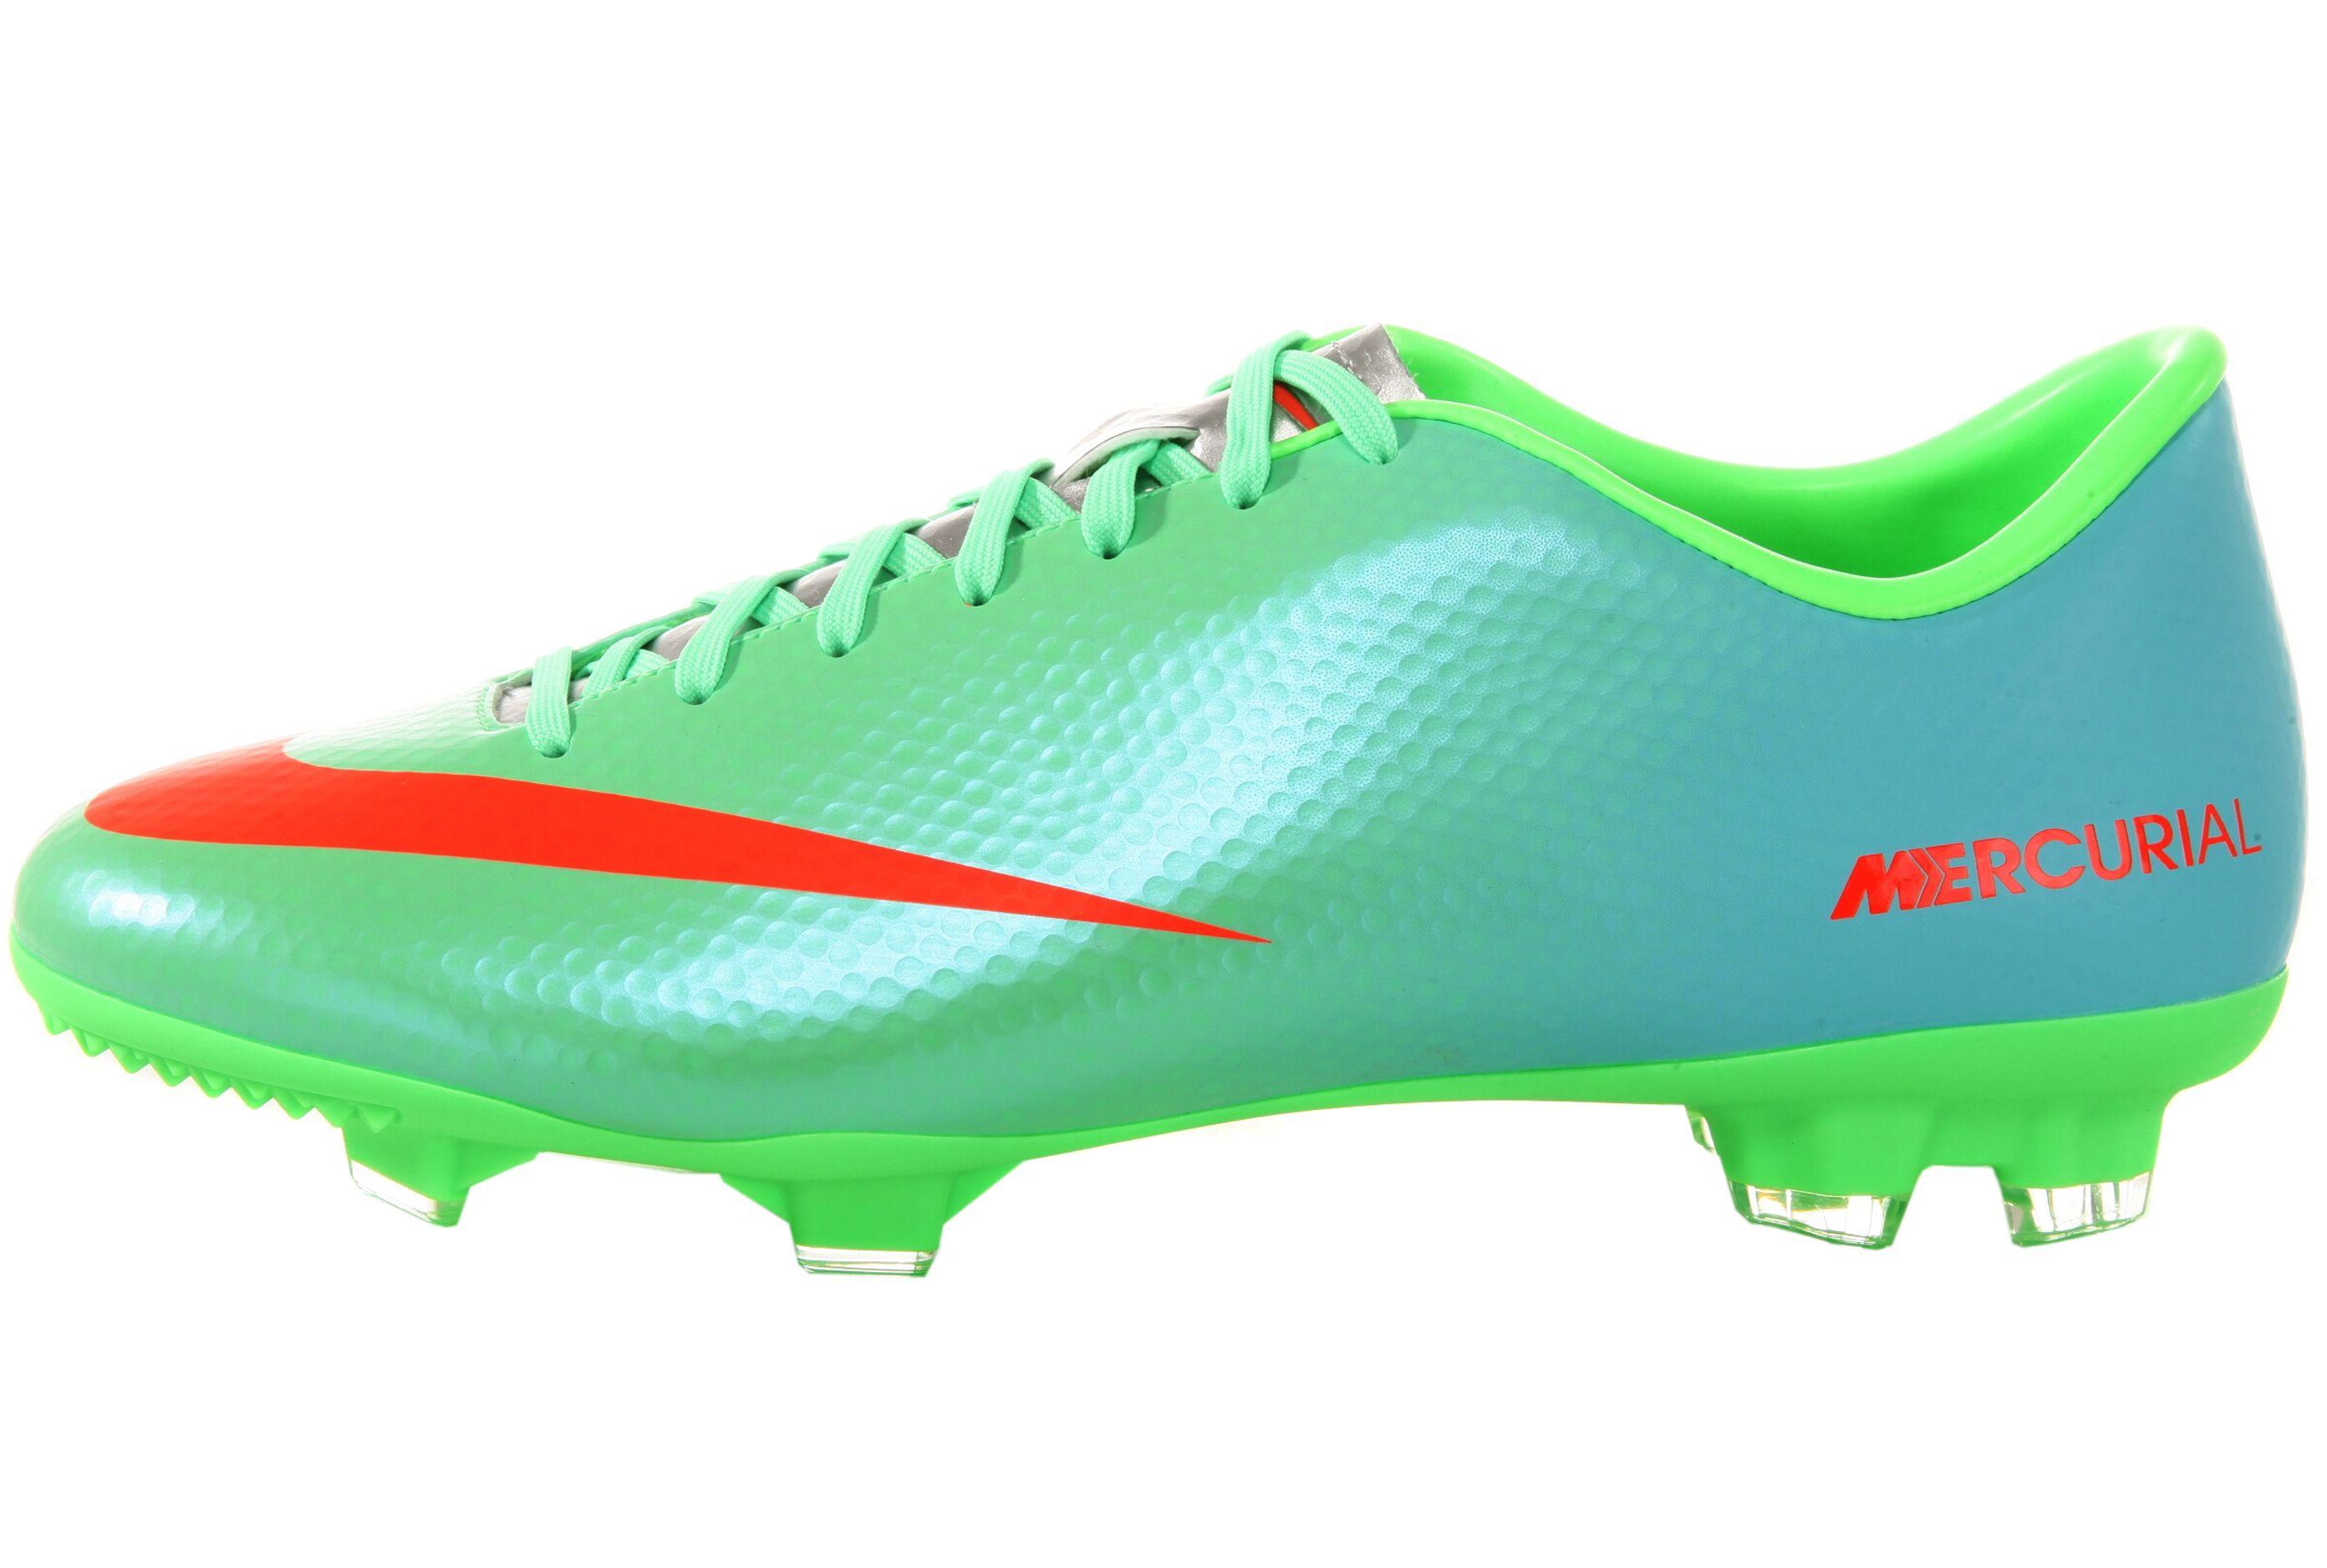 Yalı Spor | Spor Ayakkabıları ve Spor Malzemeleri - Nike Mercurial Victory İv Fg